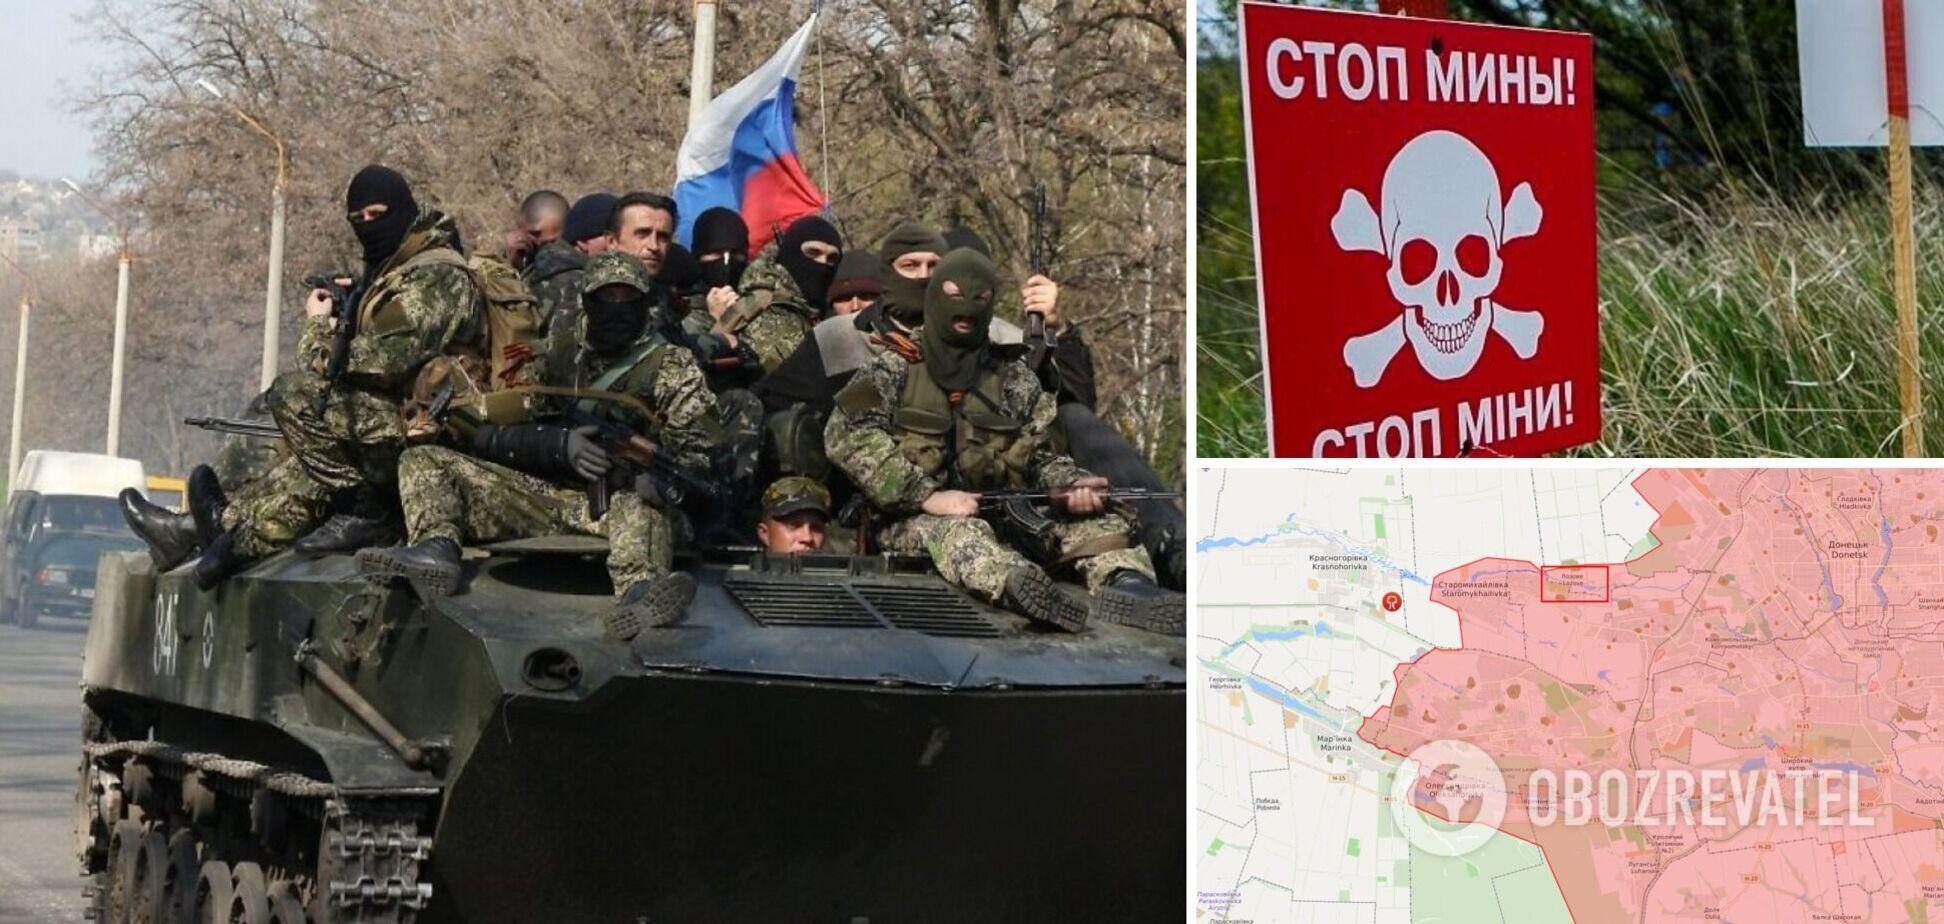 Окупанти зазнали значних втрат на Донбасі: в штабі ООС пояснили, що сталося